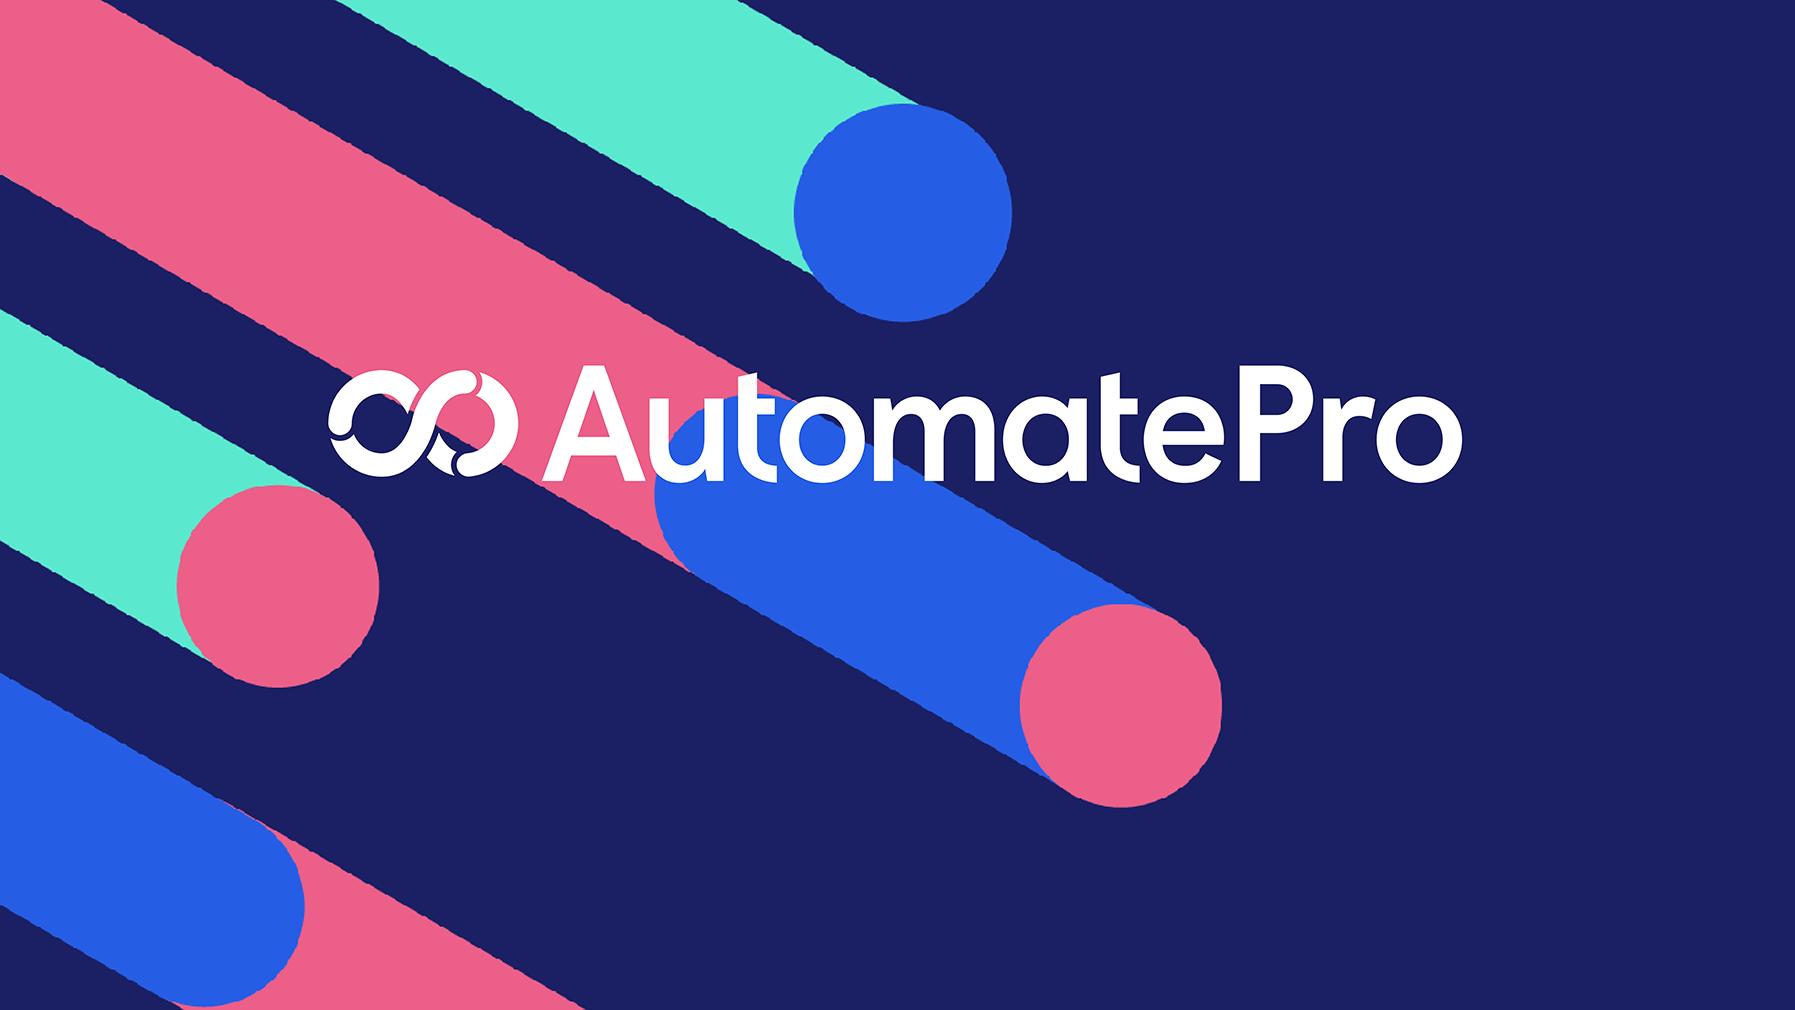 Automate Pro